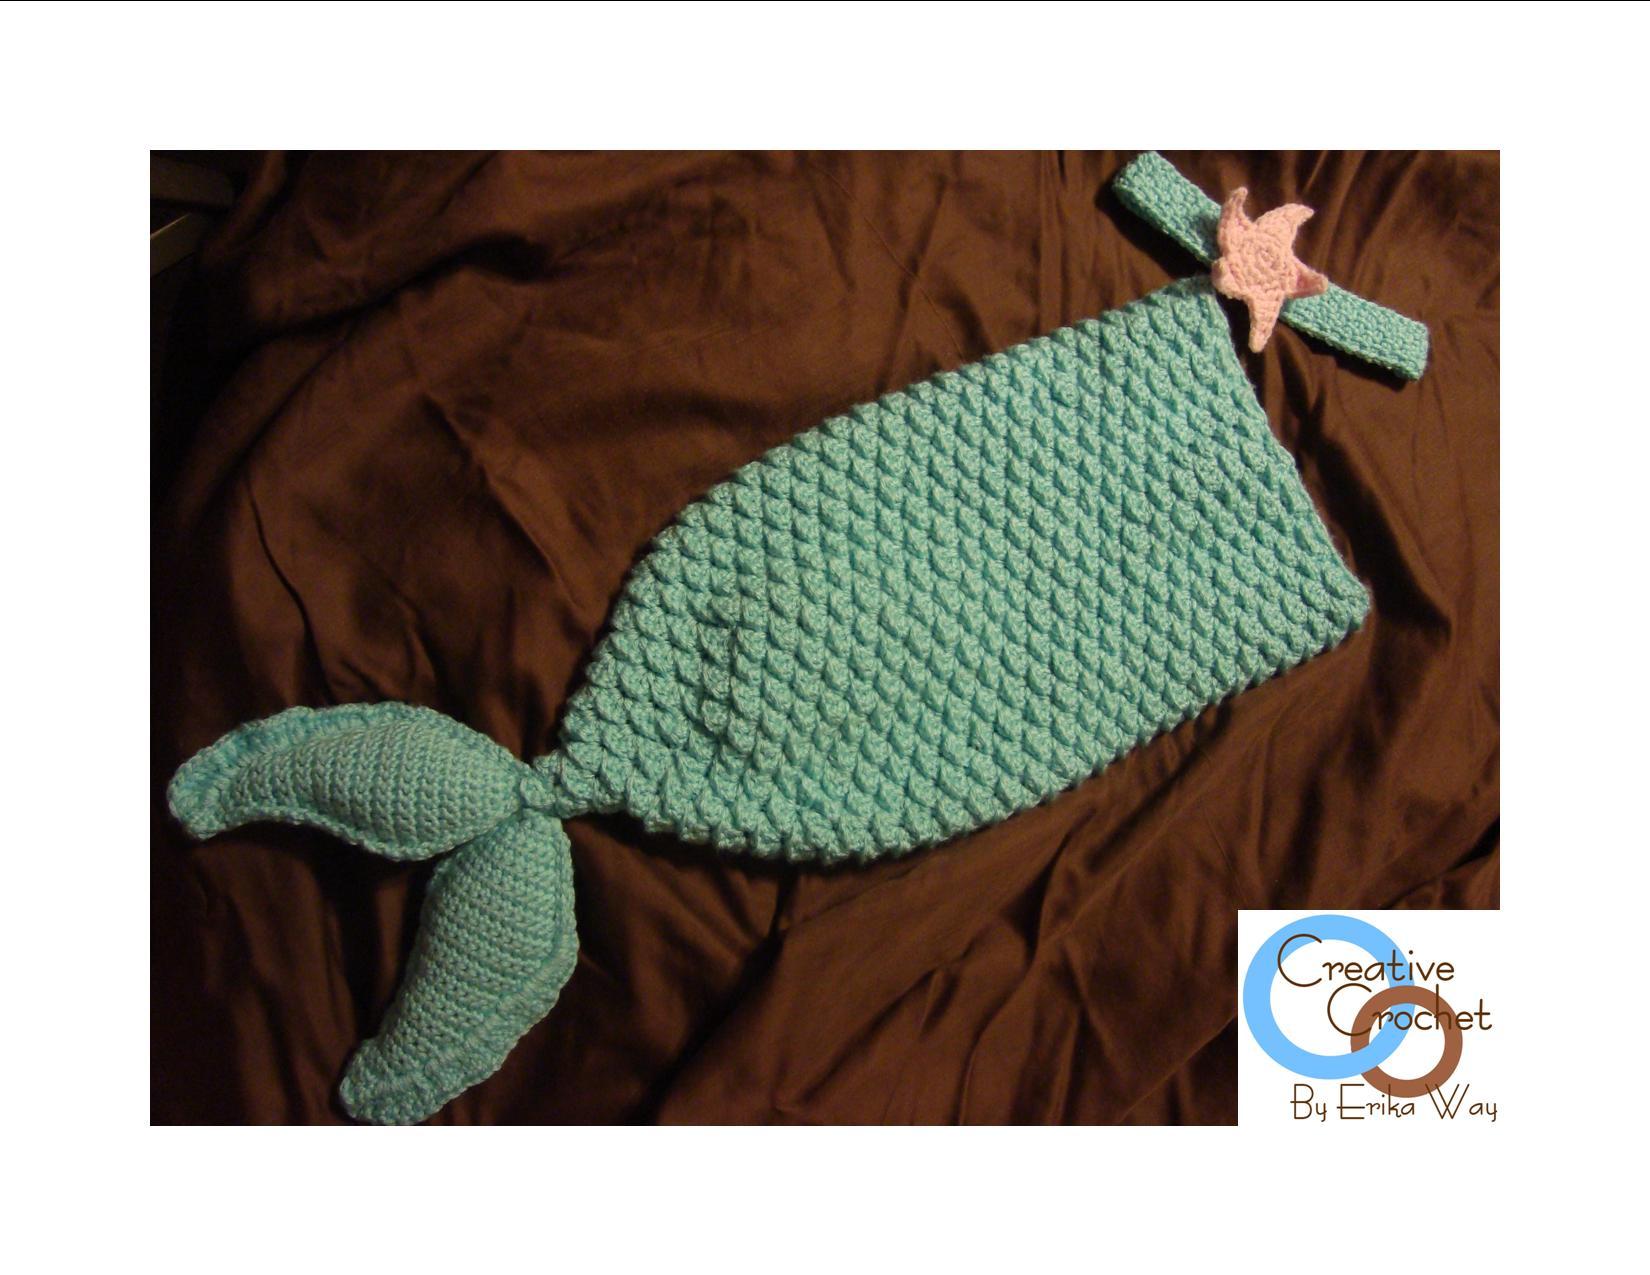 Mermaid Tail Pattern - Viewing Gallery